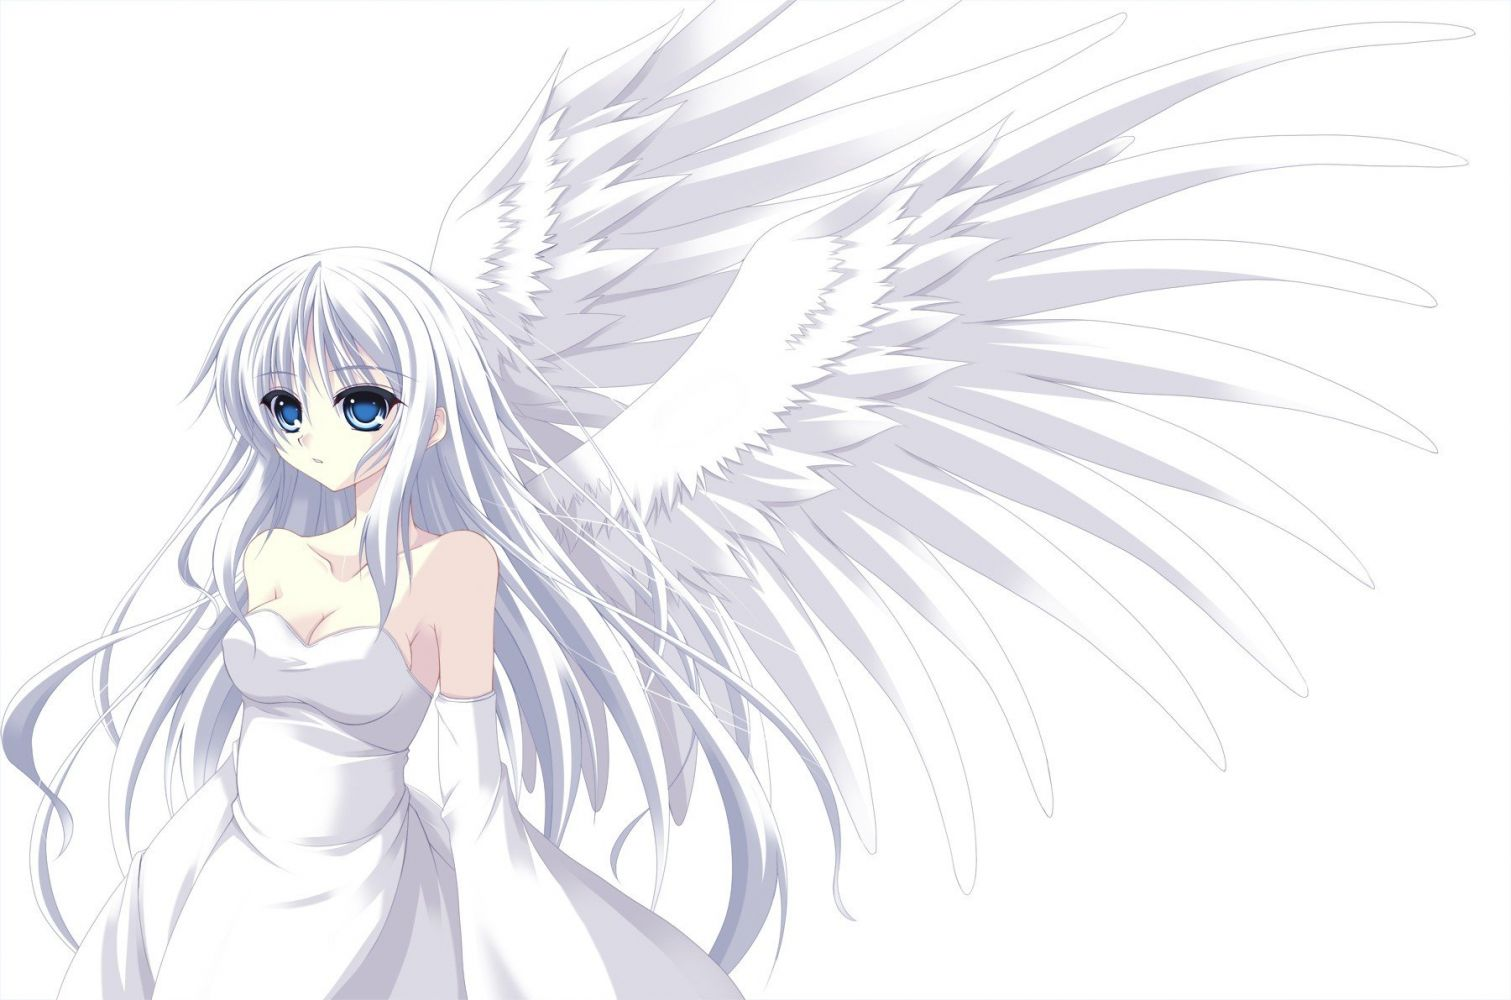 Картинки девушки с белыми волосами и крыльями